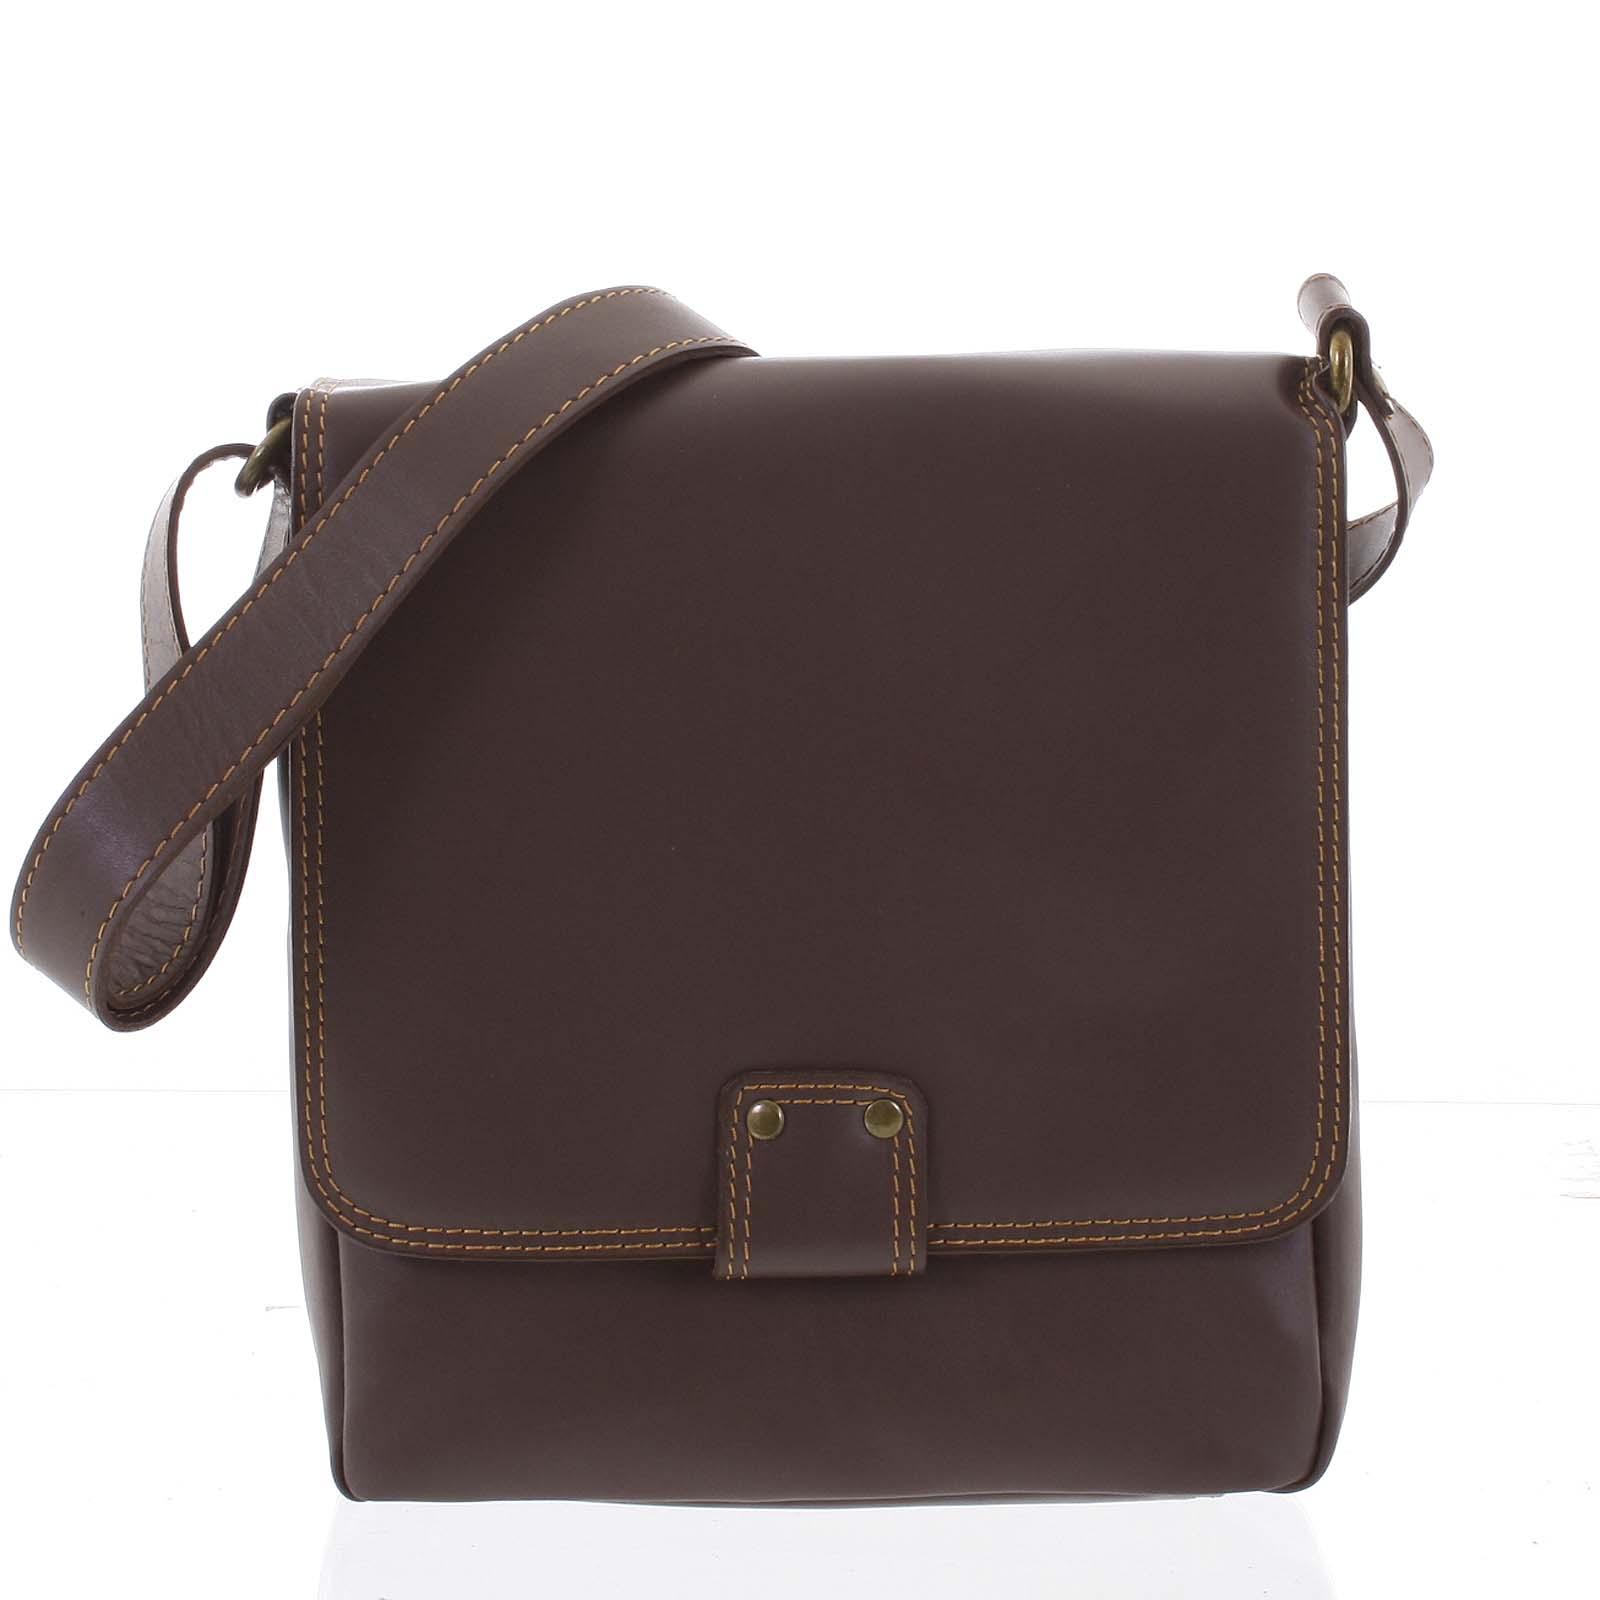 Luxusní kožená taška přes rameno oříškově hnědá - ItalY Tristen